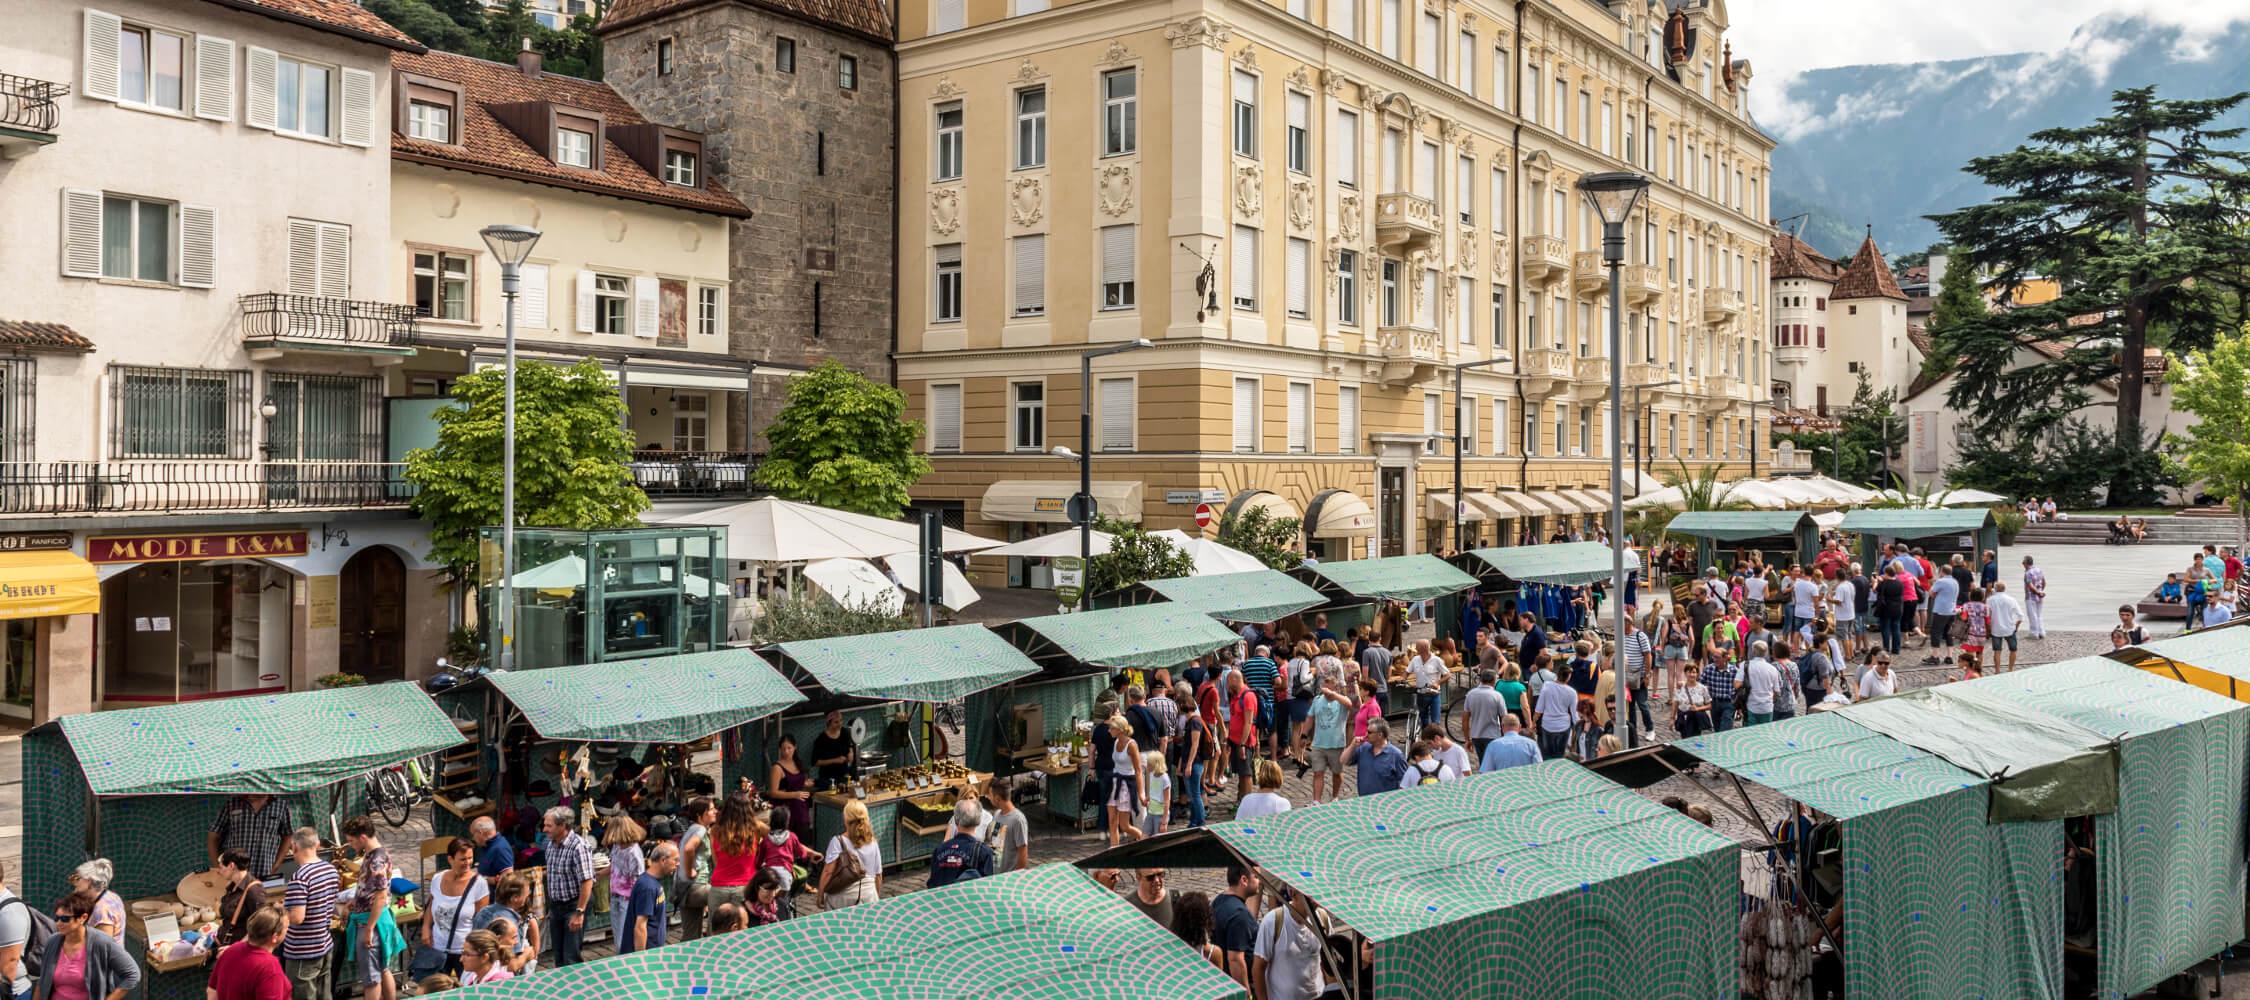 Meran, Altstadt, Wochenmarkt, Bauernmarkt, Shopping, City Hotel Meran, Hotel Flora